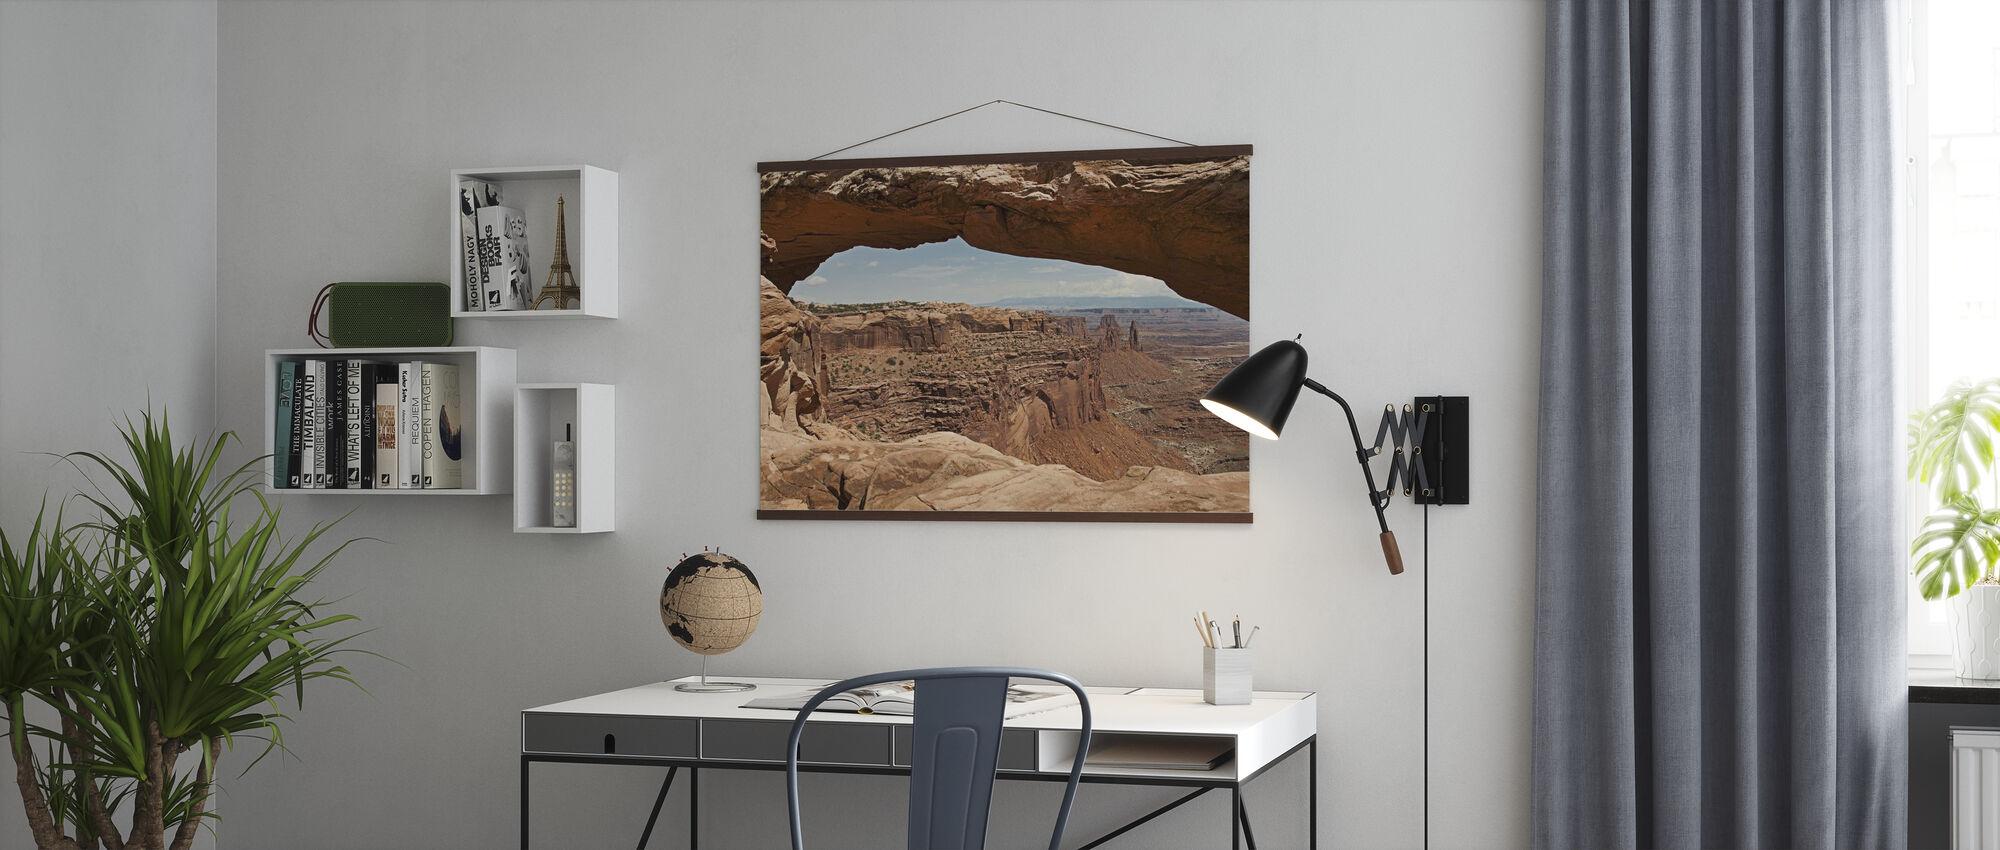 Mesa Arch - Juliste - Toimisto